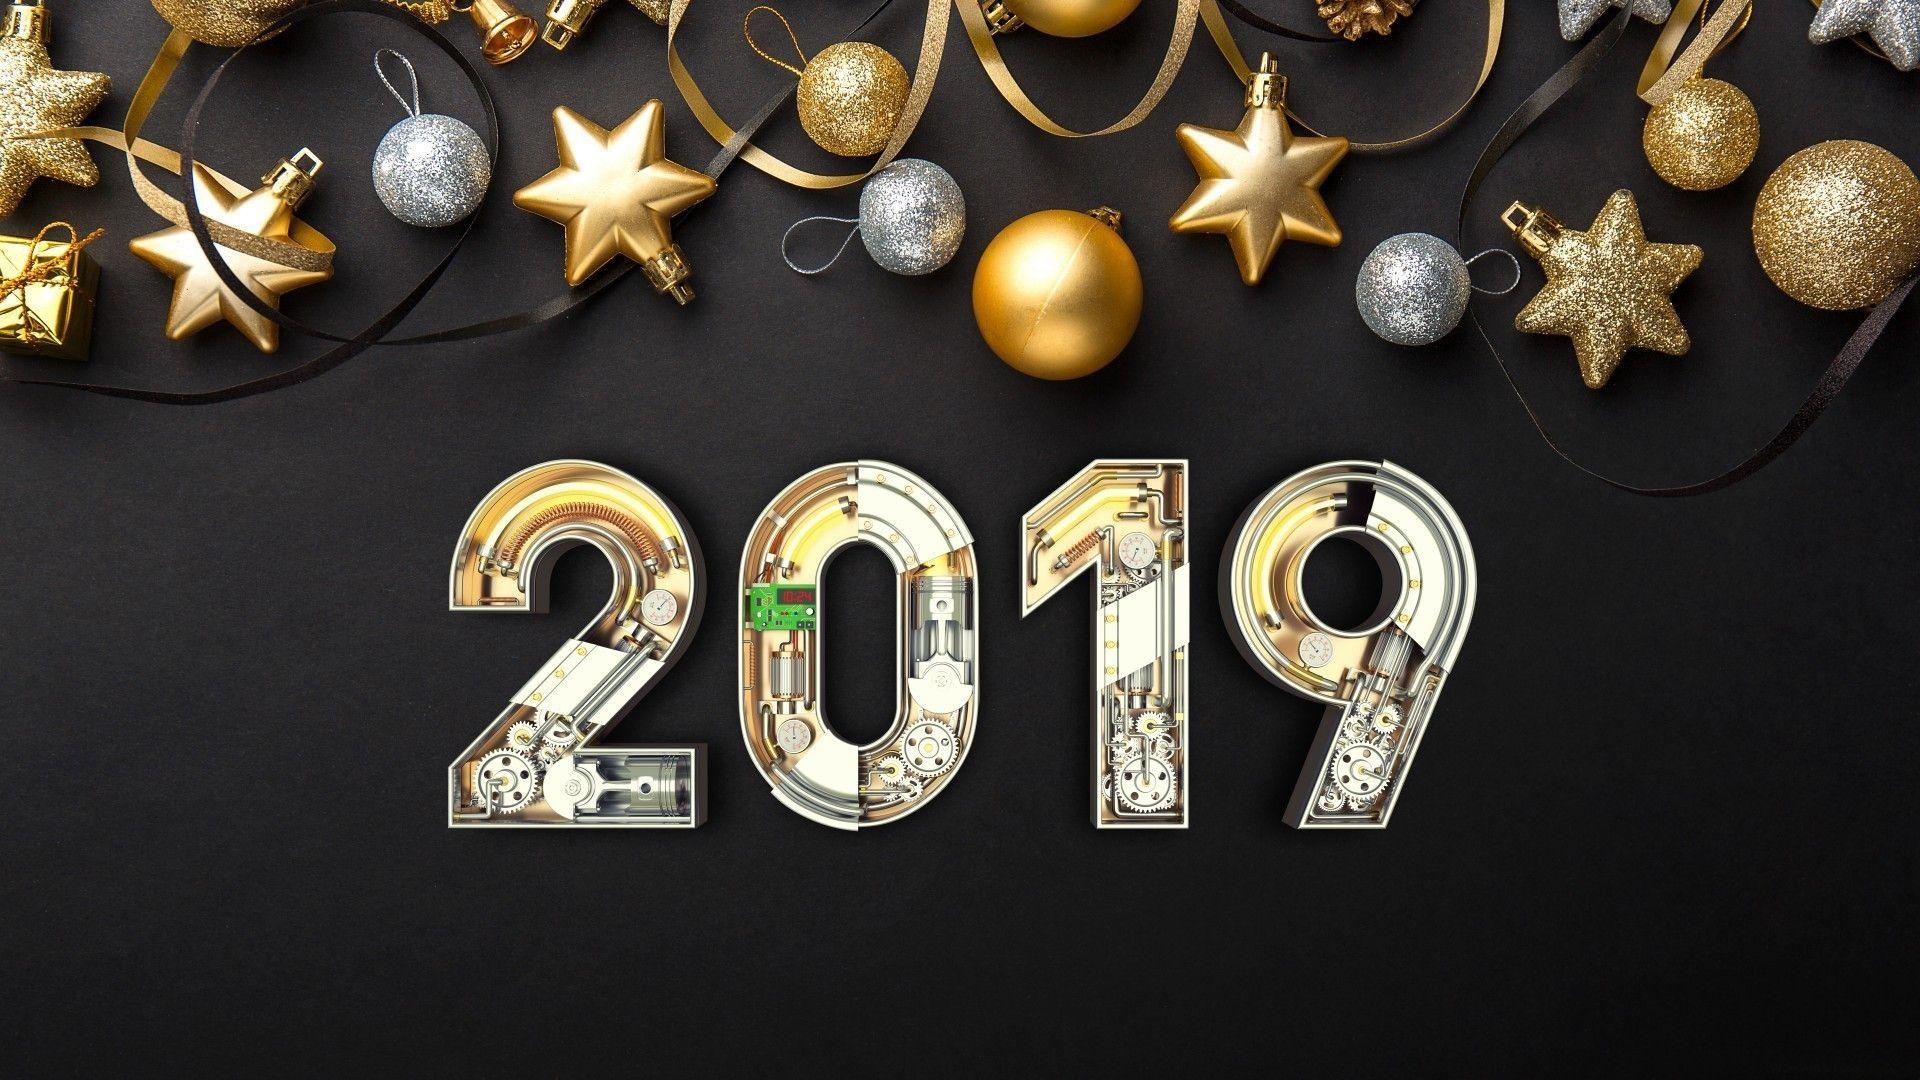 2019 : fond d'écran Nouvelle Année / New Year wallpaper